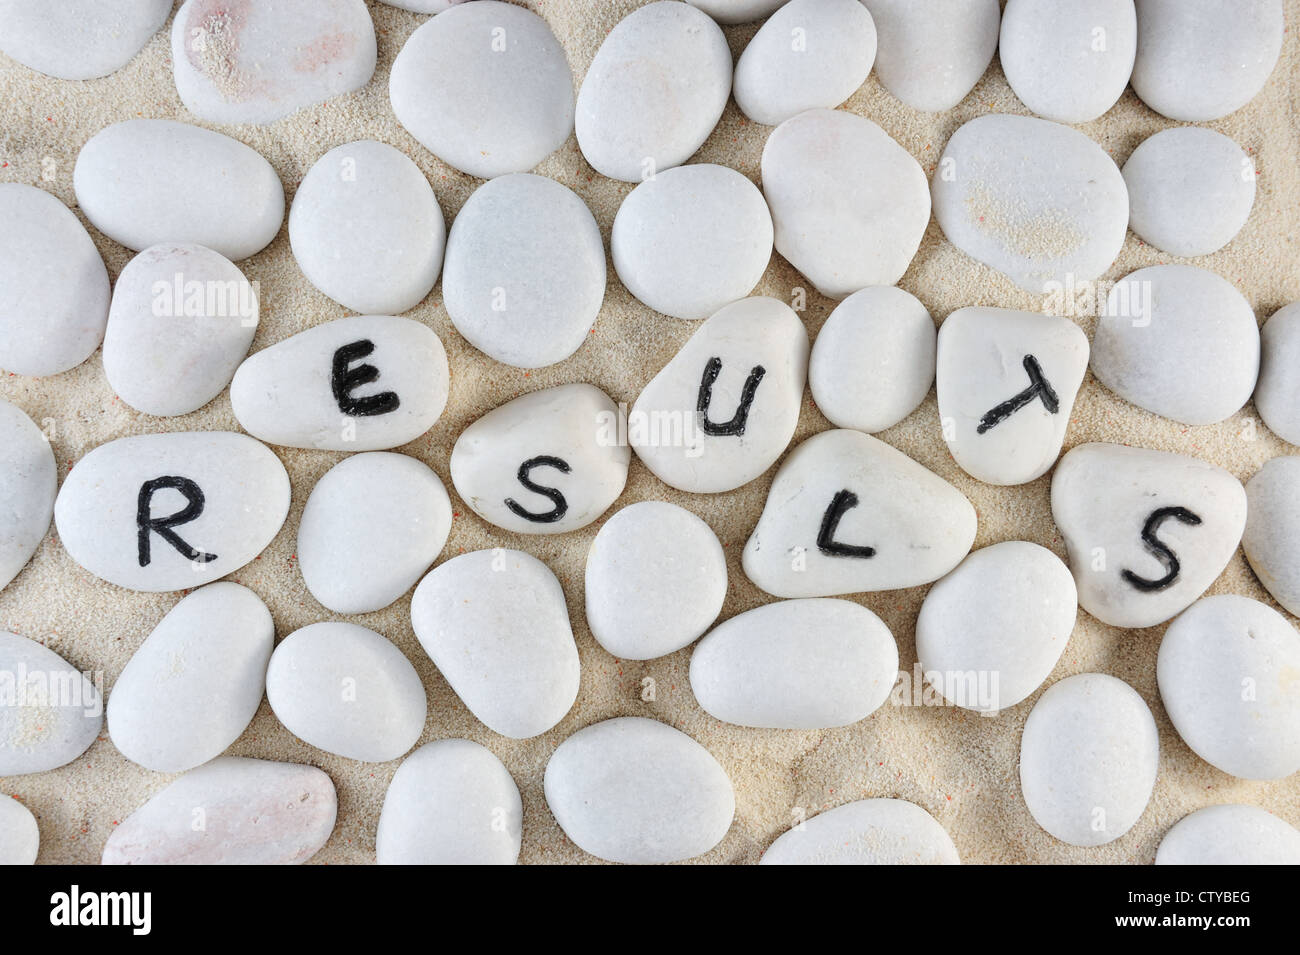 Ergebnisse Wort auf Gruppe von Steinen auf dem sand Stockbild